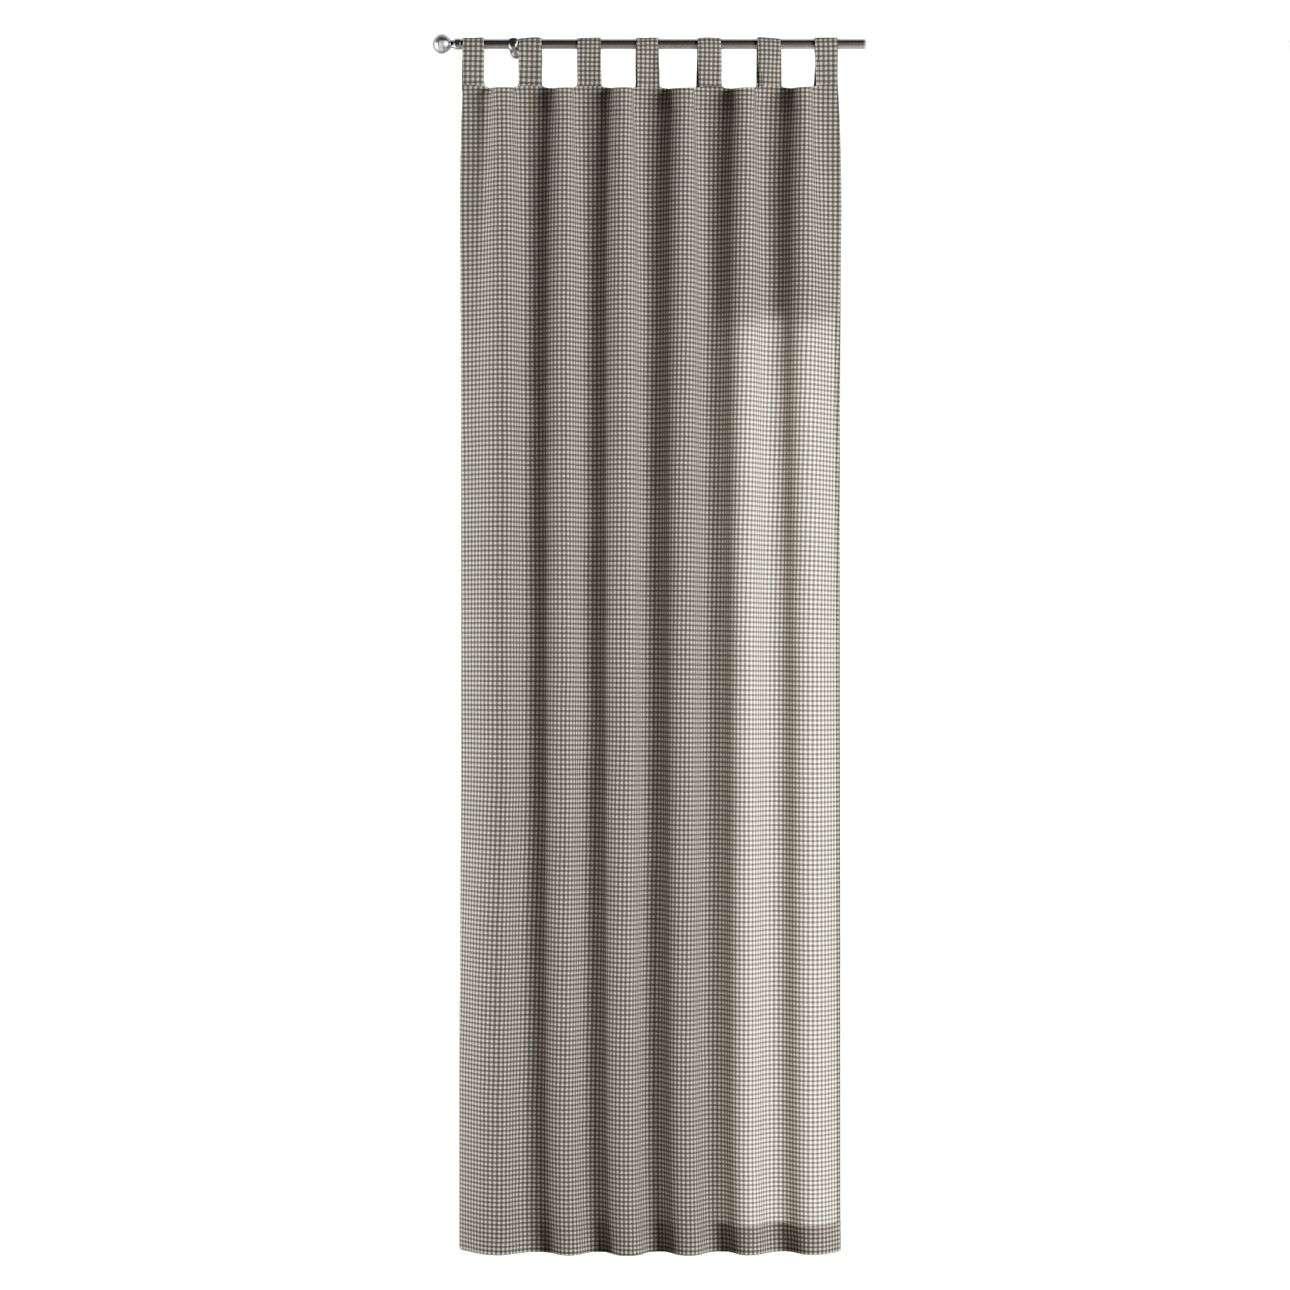 Závěs na poutka 130 x 260 cm v kolekci Quadro, látka: 136-10